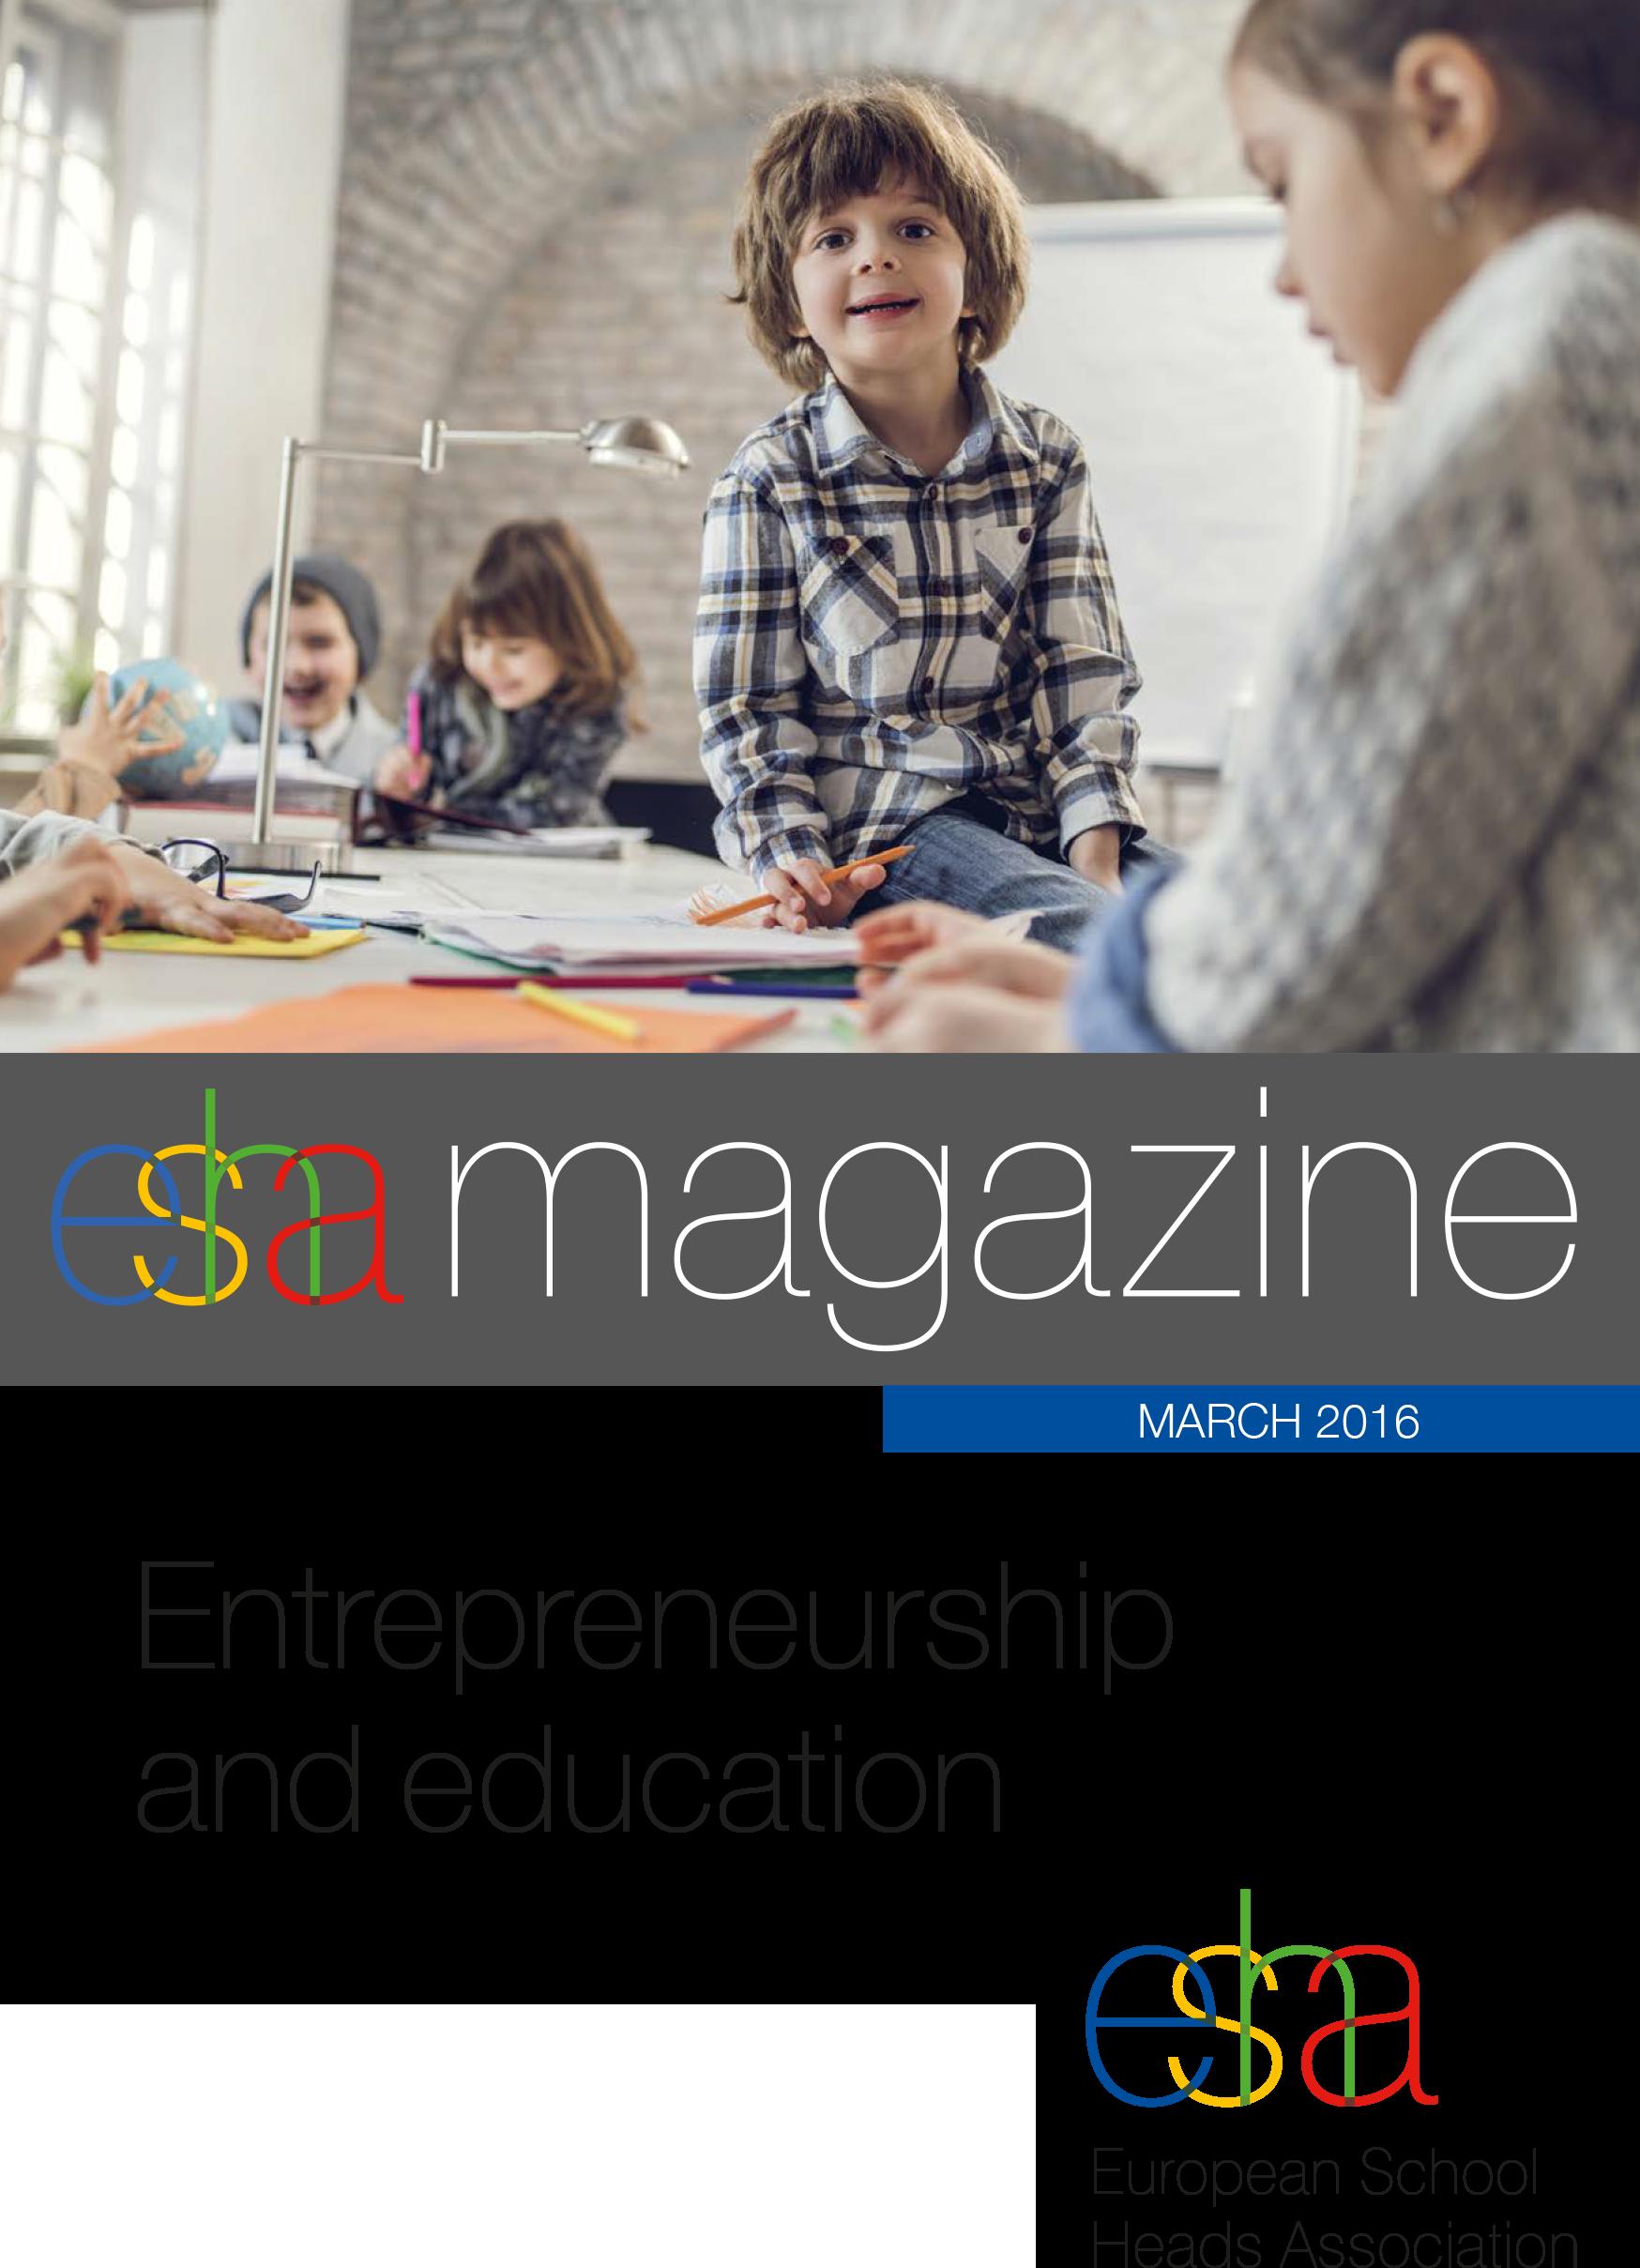 esha-magazine-march-2016-1-kopieren